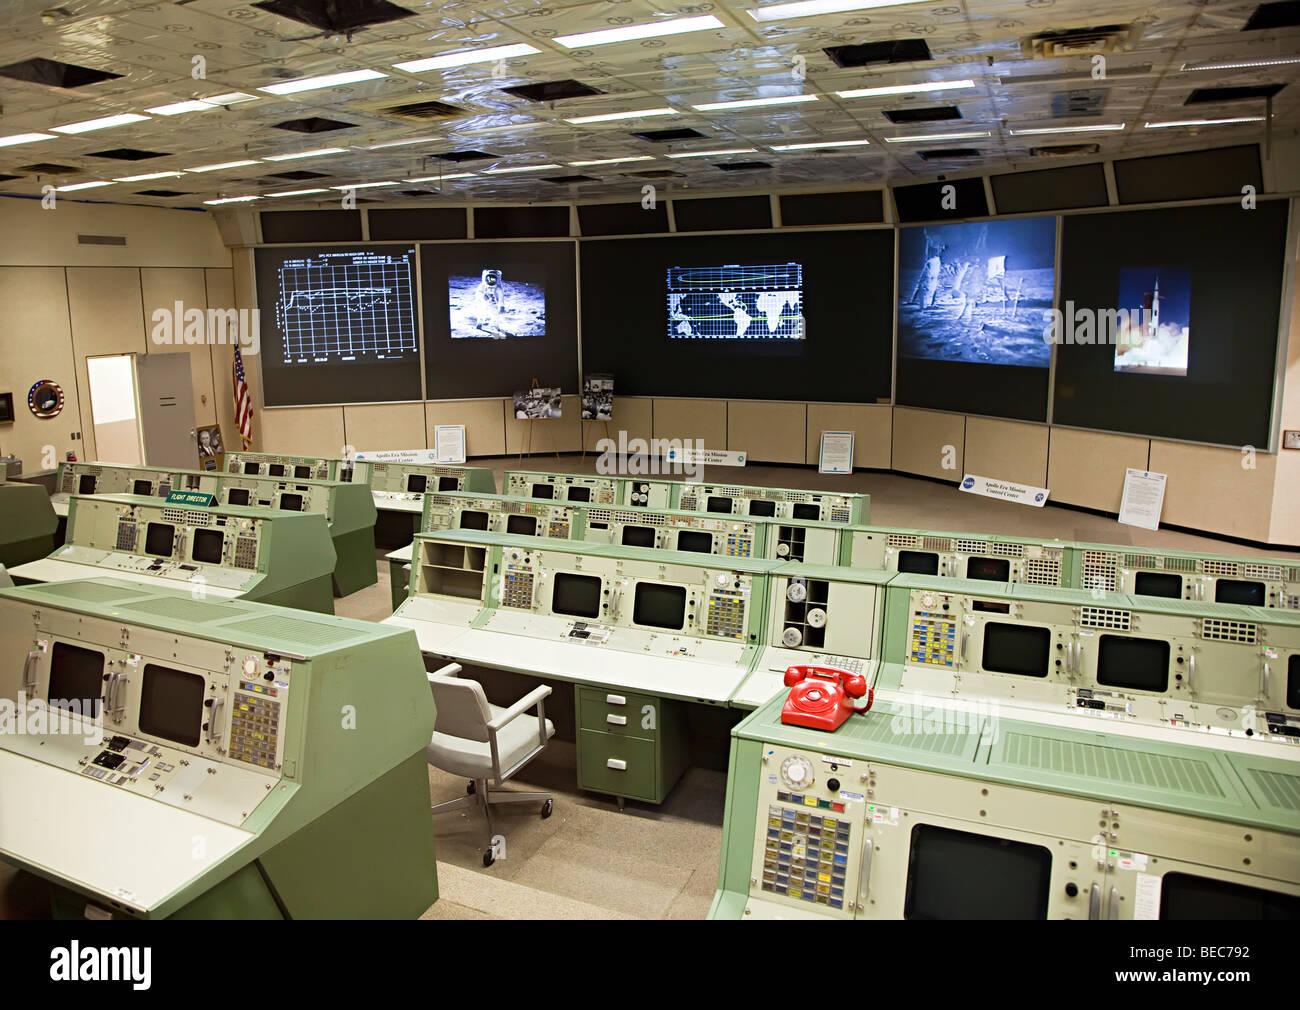 Apollo era mission control NASA Space Center Houston Texas USA - Stock Image